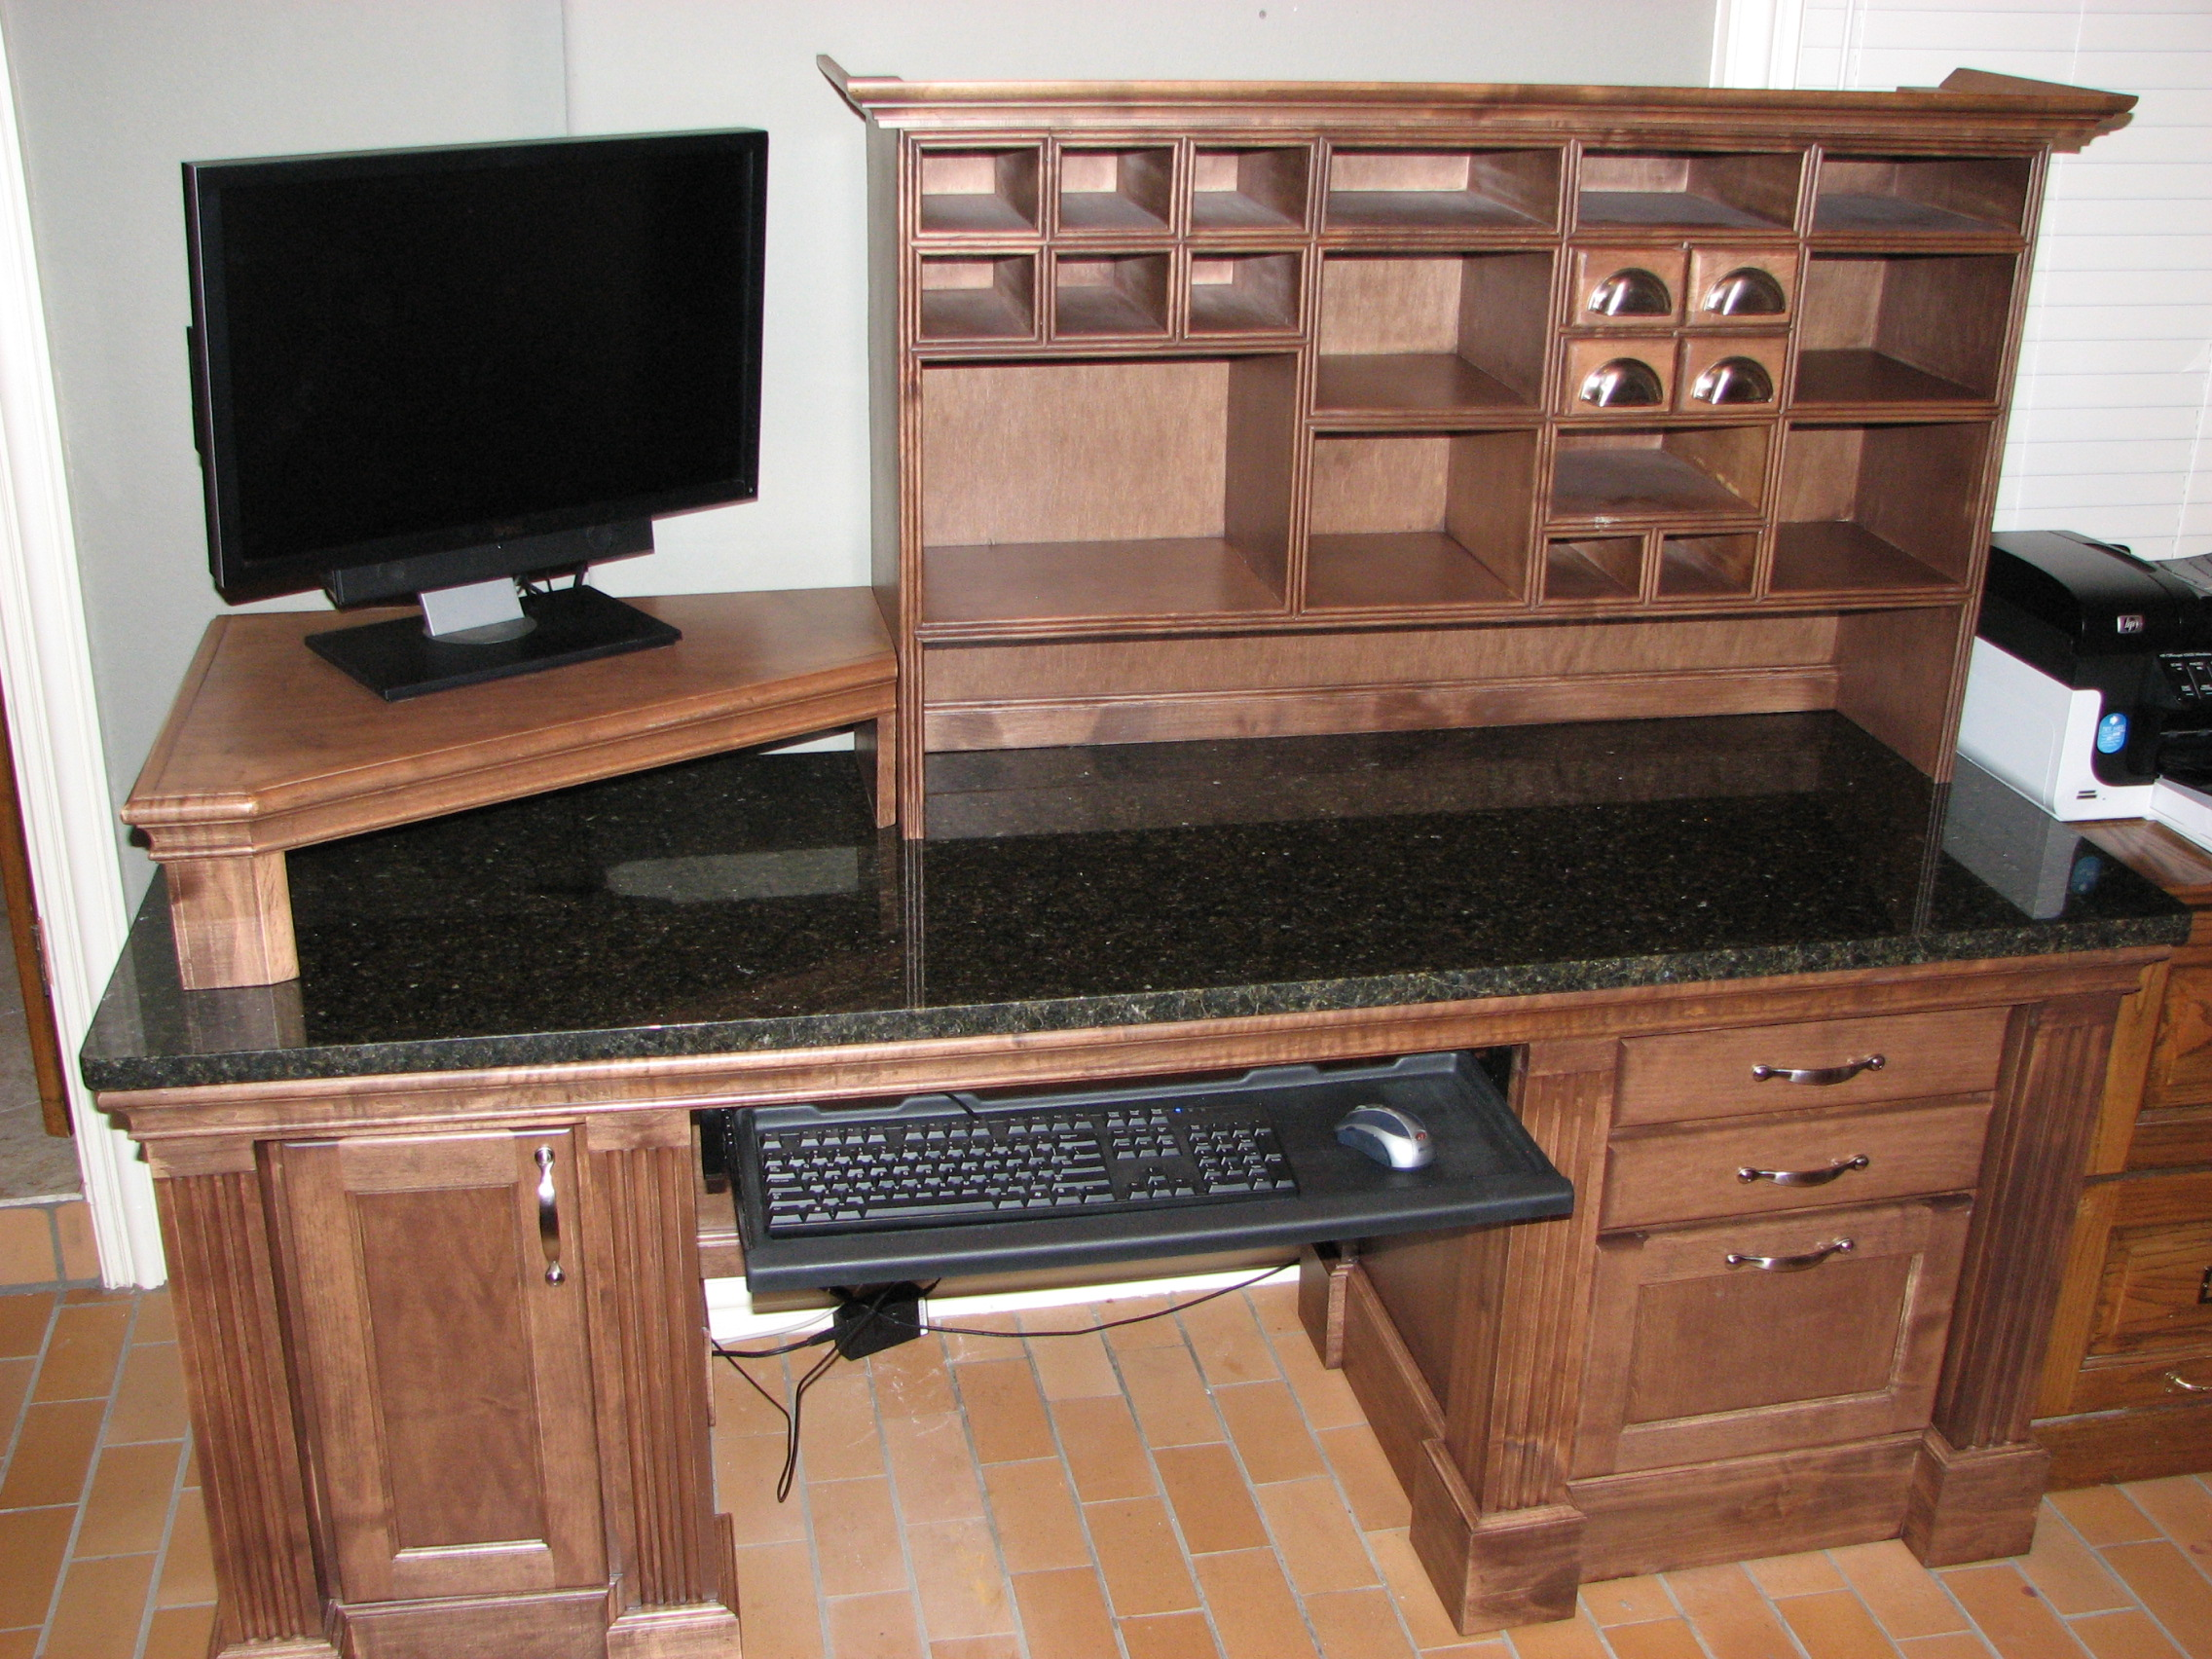 Desks and workstations